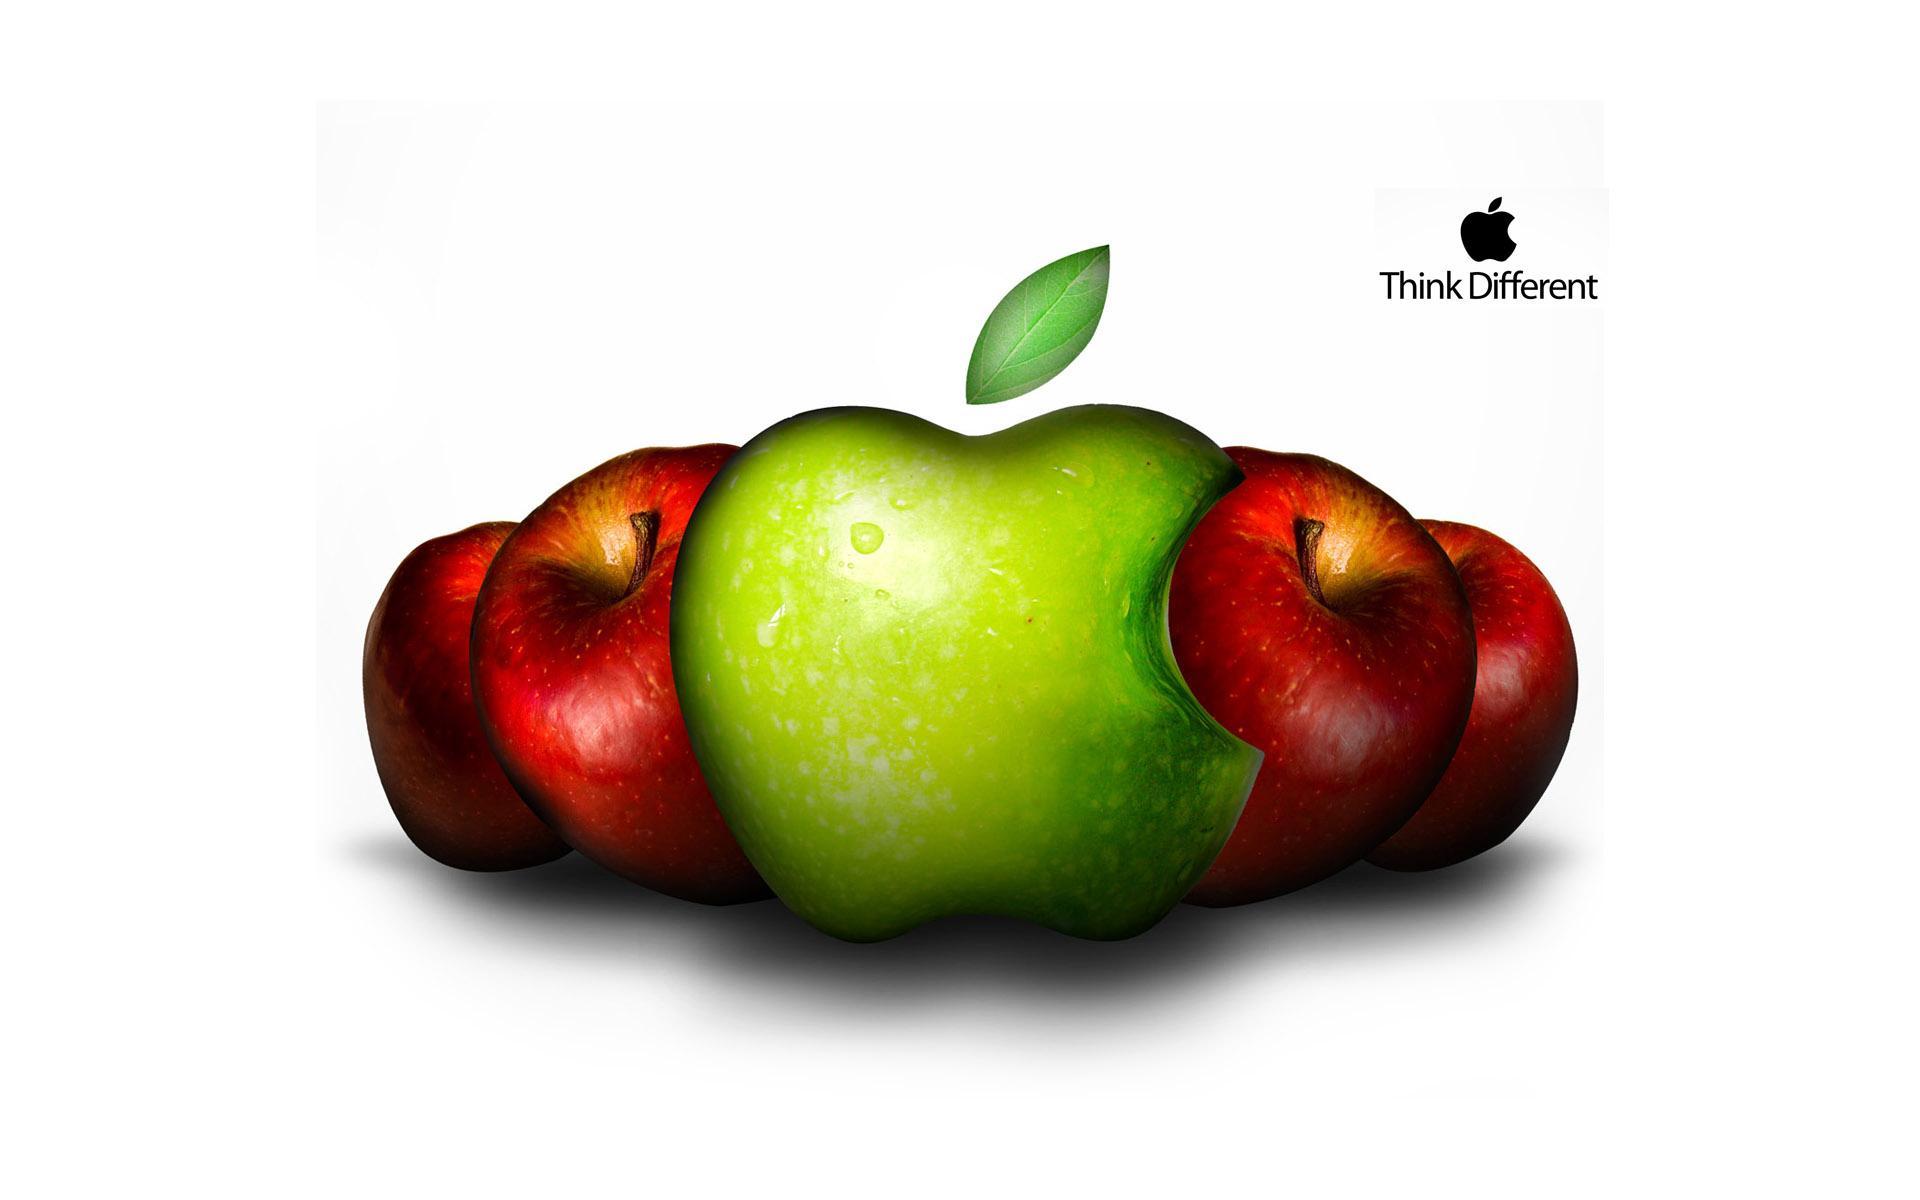 Яблоки, фото, обои для рабочего стола